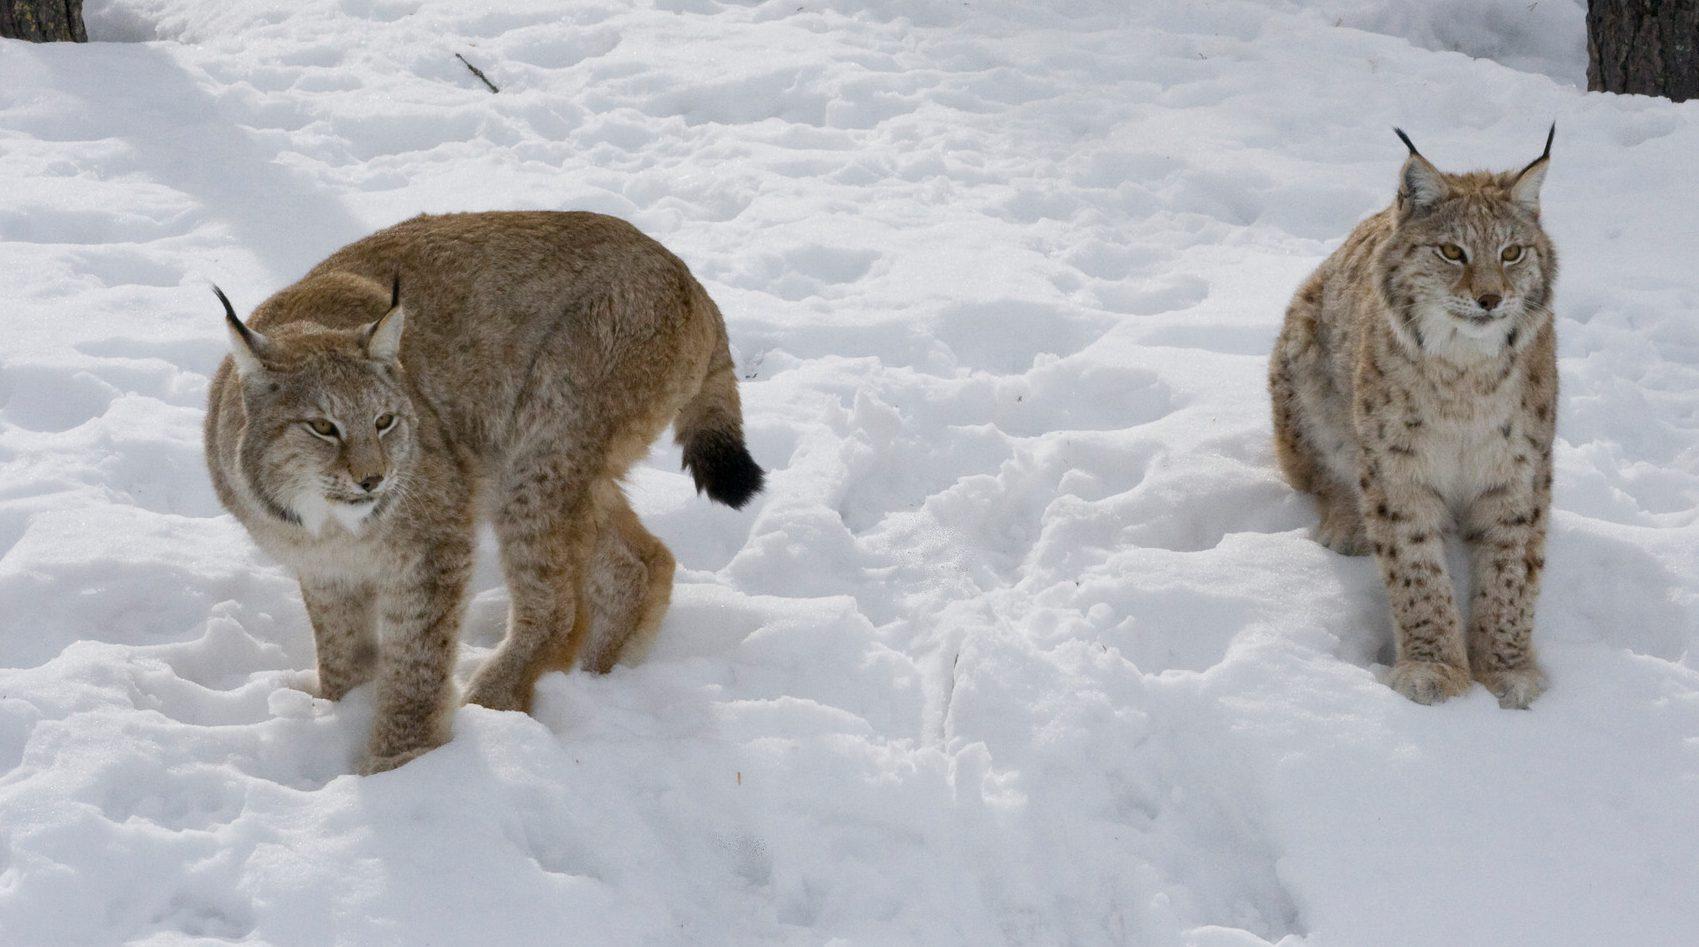 Länsstyrelsen i Jämtland har beslutat om skyddsjakt på en lodjurshona med två ungar. Lodjuren härjar svårt bland renarna i Handölsdalens sameby. Foto: Mostphotos